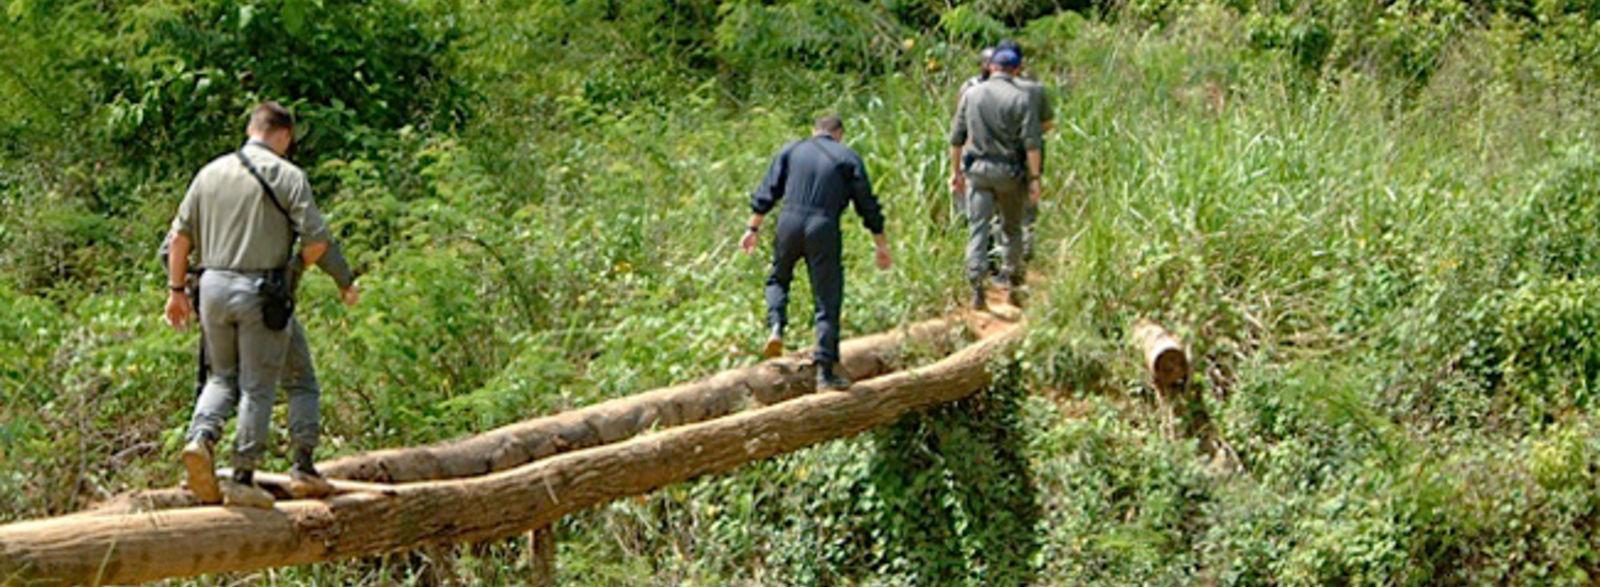 La guerre sans fin des chercheurs d'or clandestins en Guyane